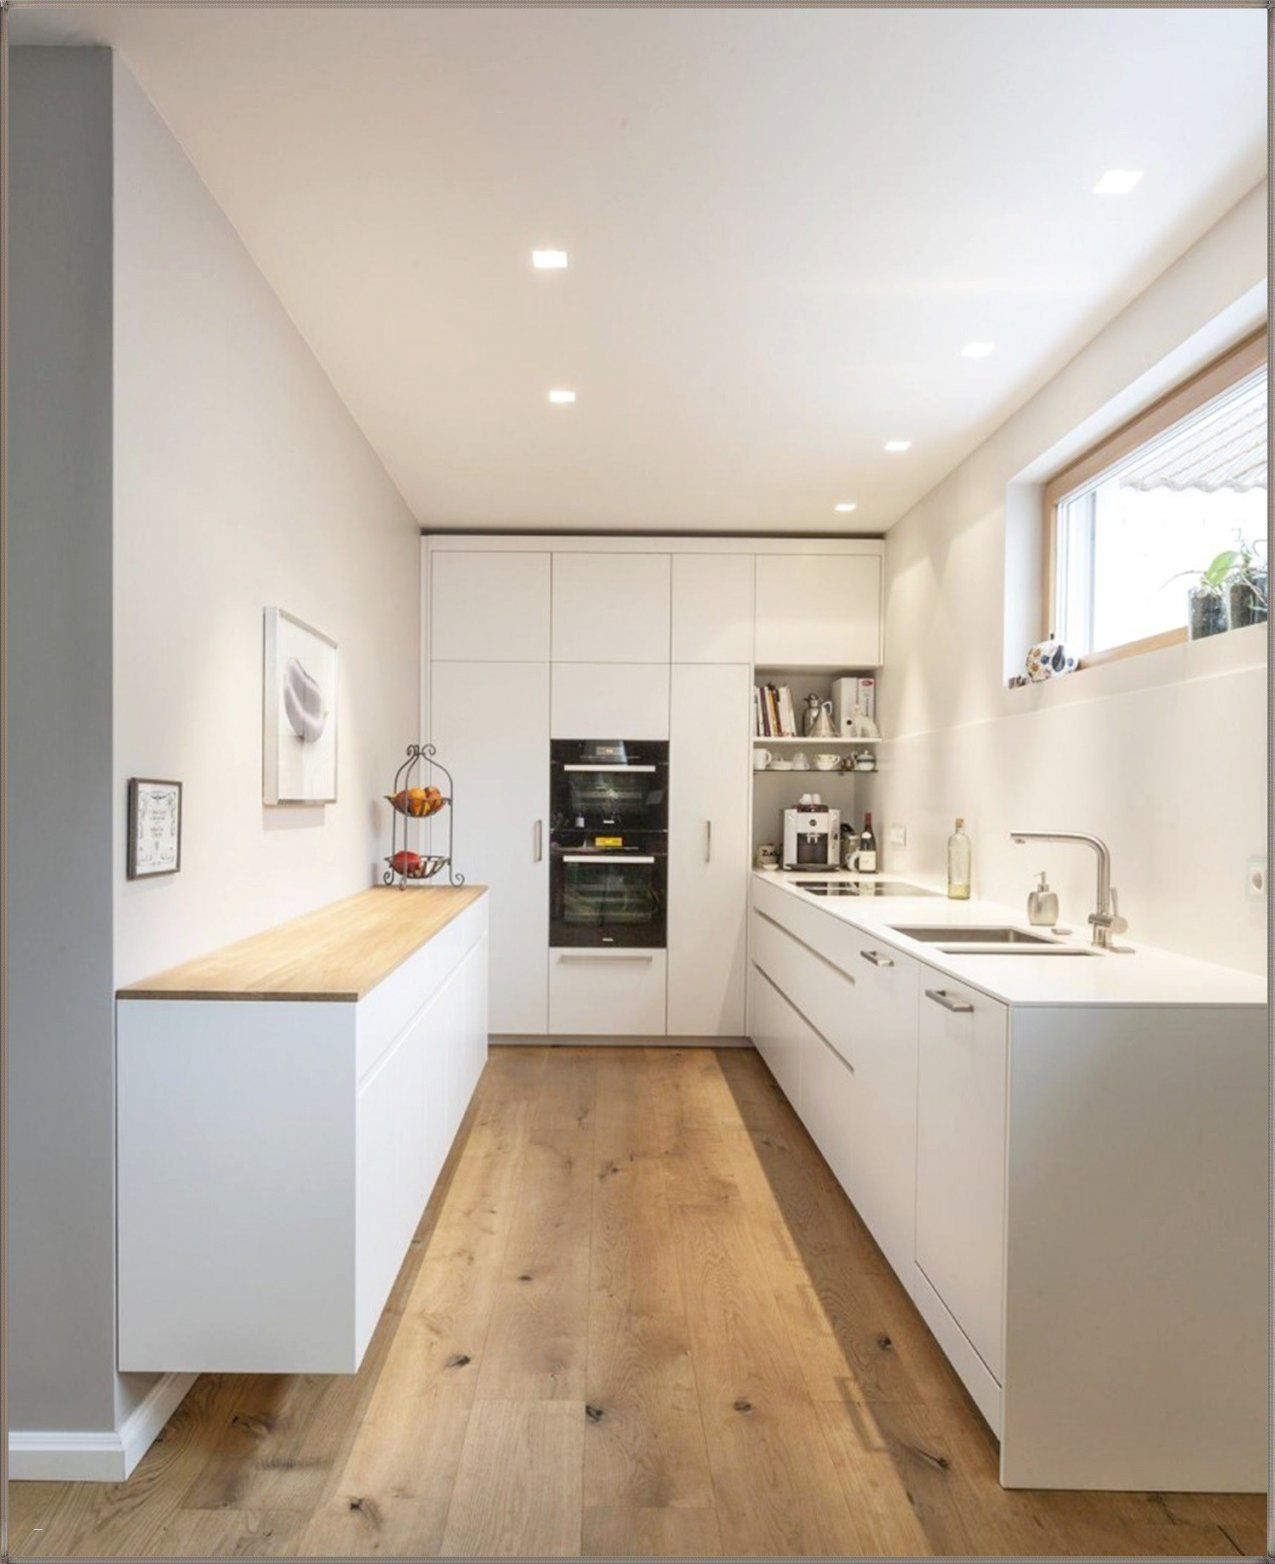 Abwaschbare Farbe Statt Fliesen Küche Haus Design Ideen